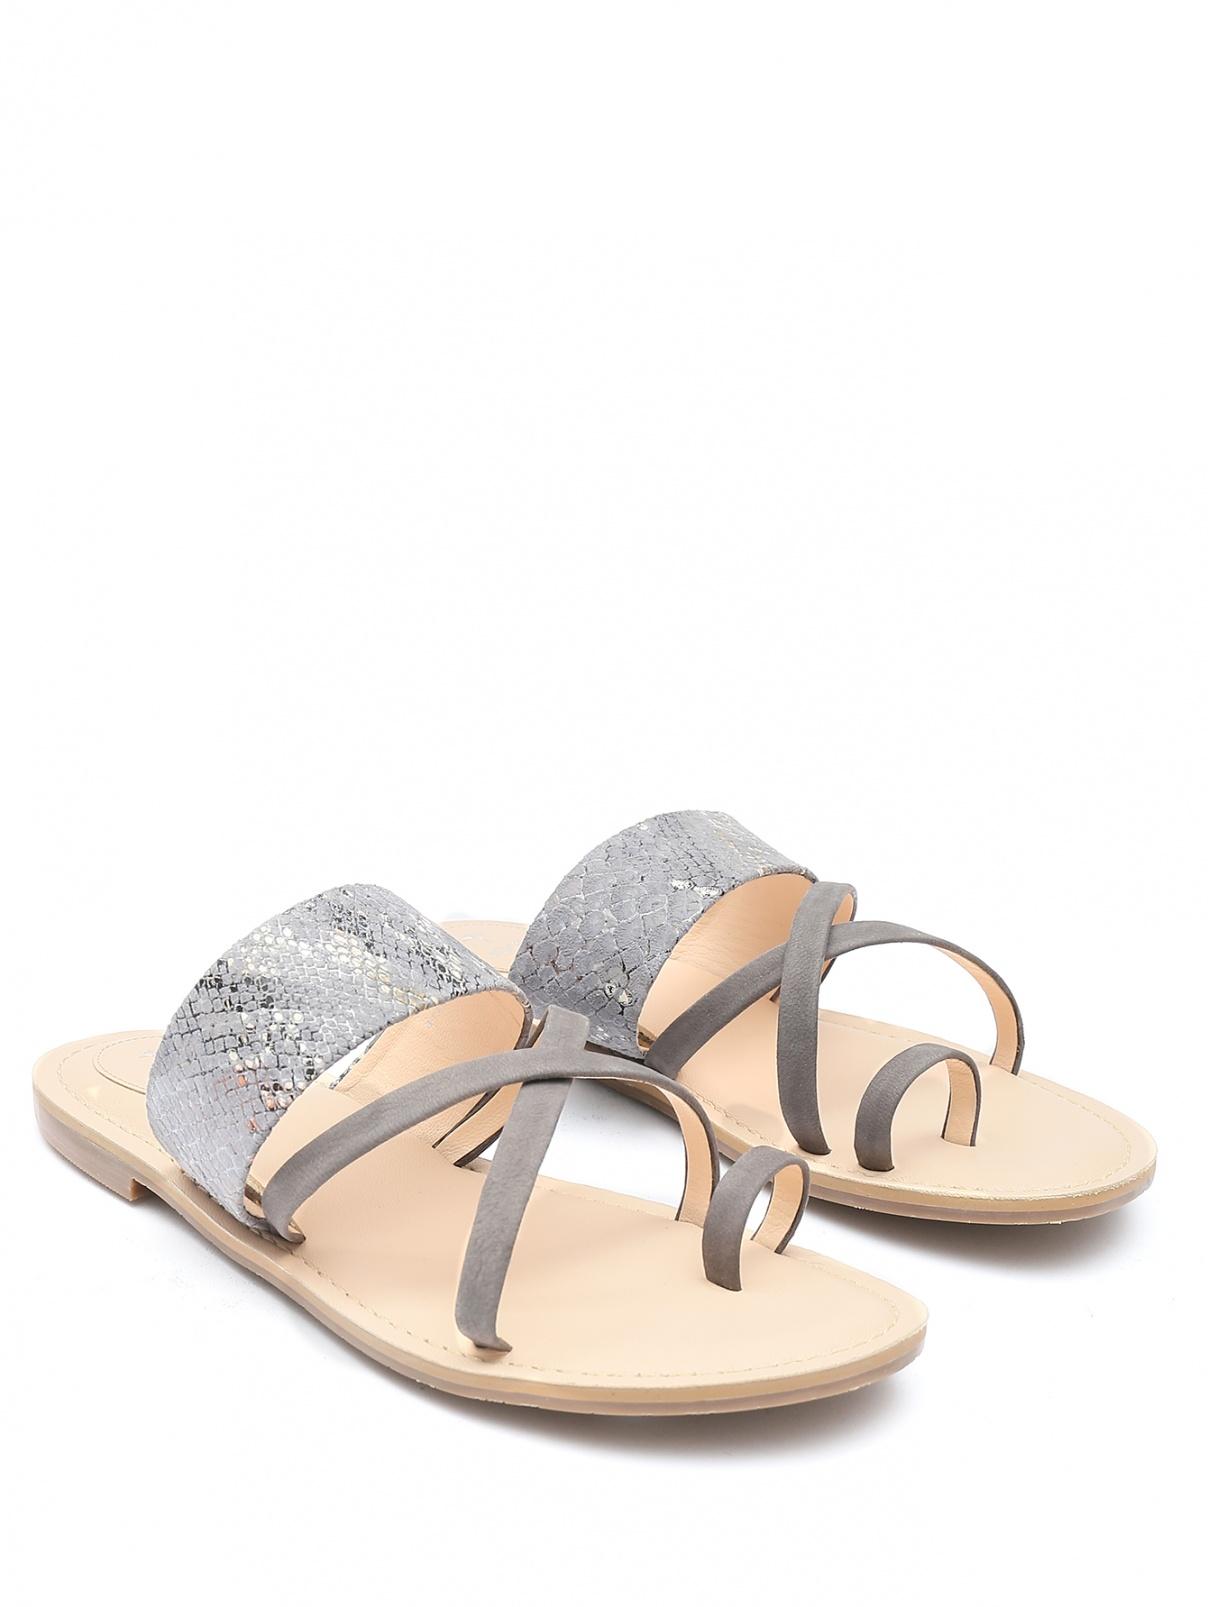 Комбинированные сандалии из кожи с узором Joop!  –  Общий вид  – Цвет:  Серый